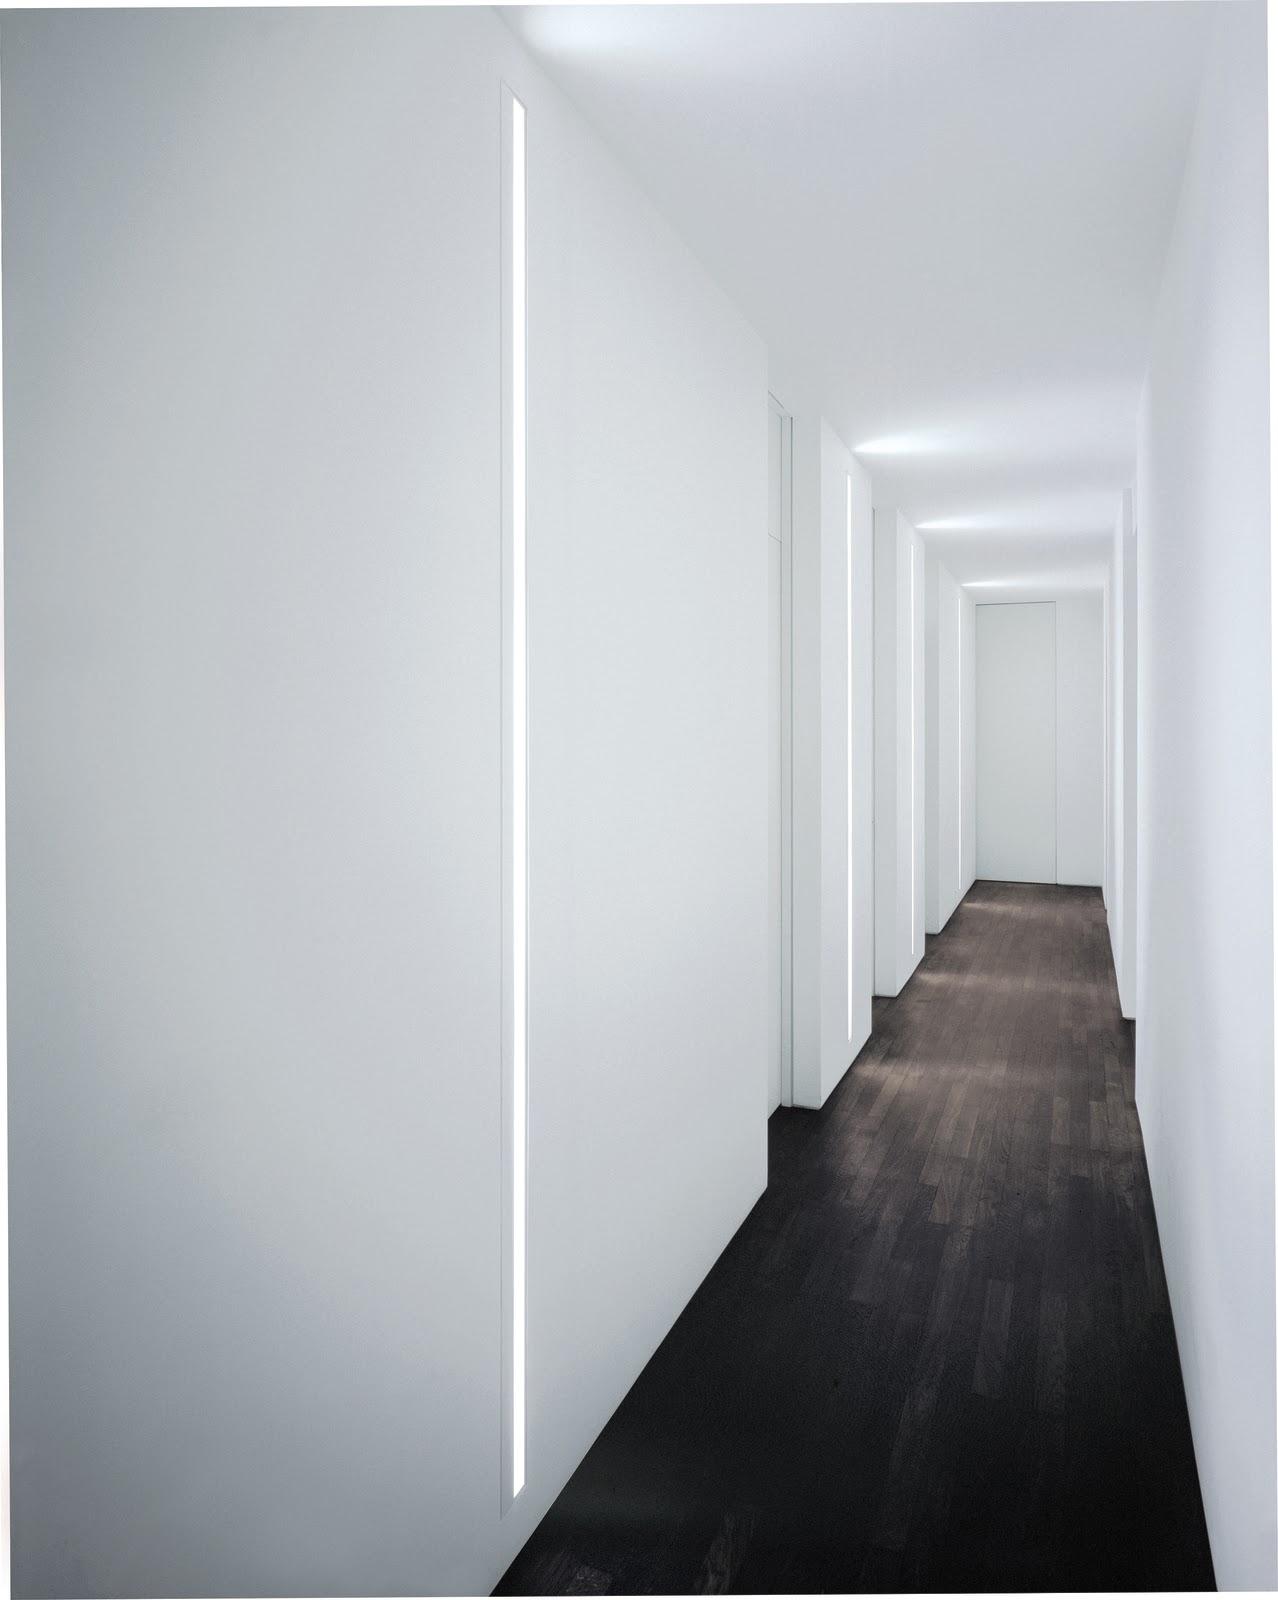 מעולה  מה בחוץ ומה בפנים: תאורה שקועה, תאורה נסתרת, תאורה תלויה - מה מתי למה? VK-41